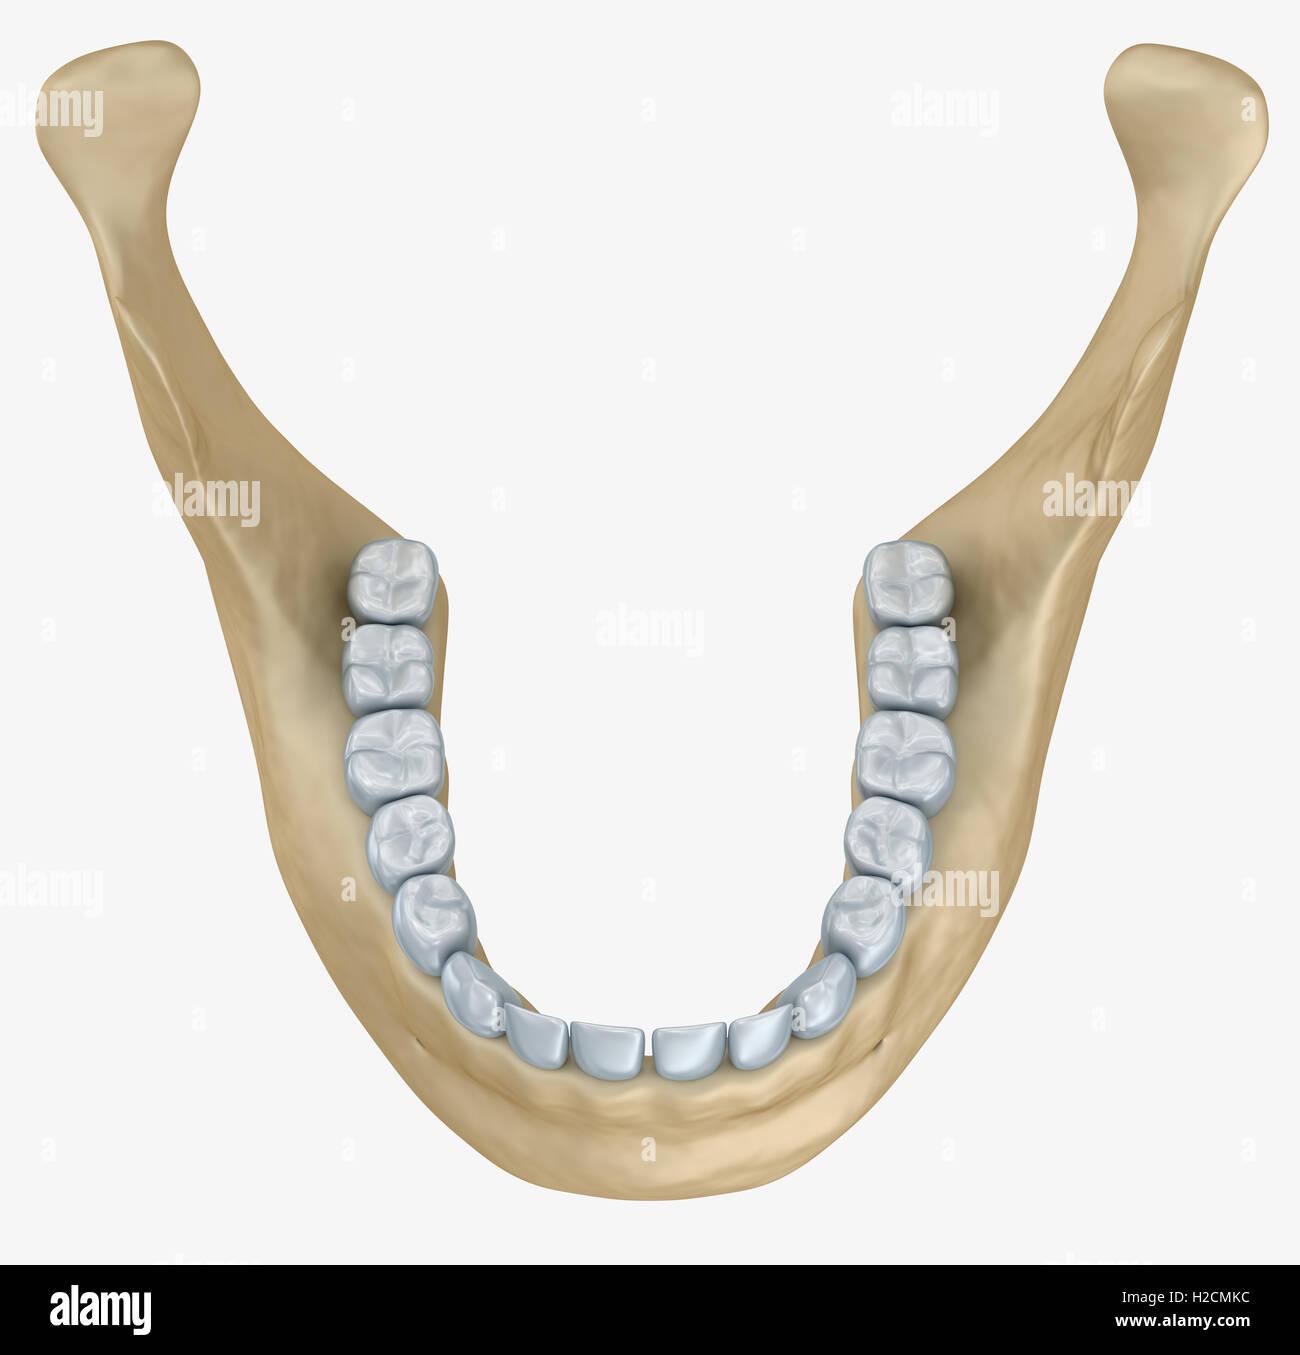 La mandíbula inferior y dientes esqueleto anatomía. Medical precisa ...